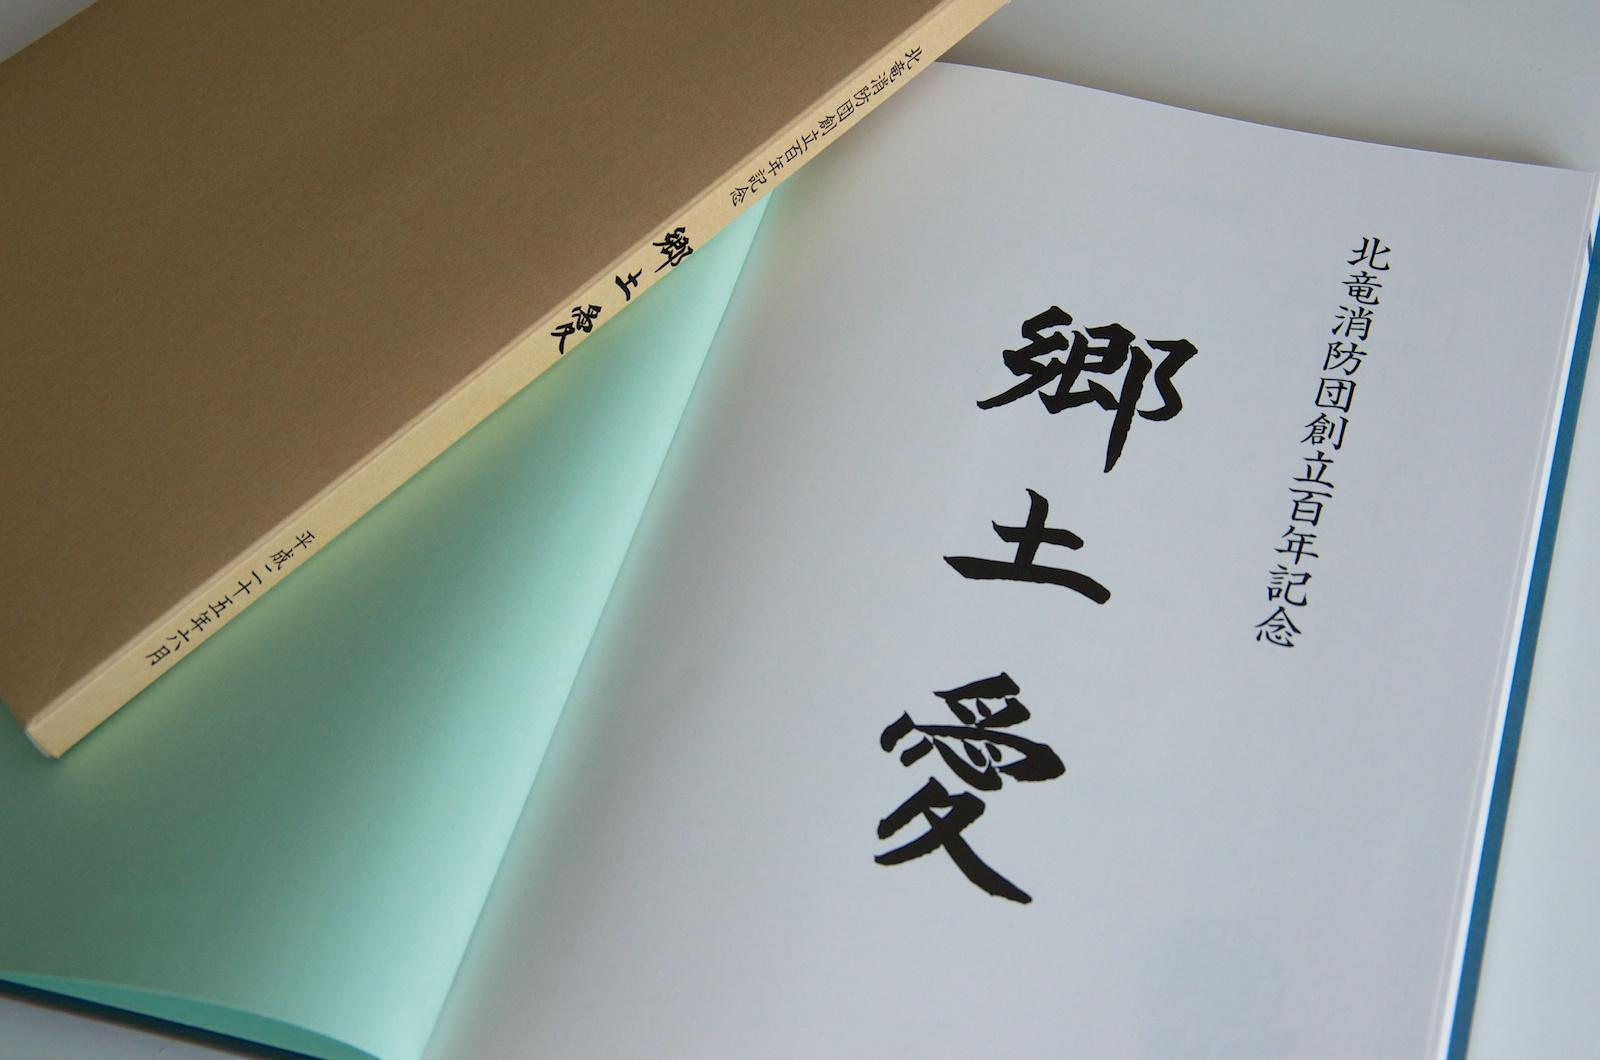 Photo: 北竜消防団創立百年記念誌『郷土愛』 (題字:北竜消防団・藤井利昭 団長 筆)